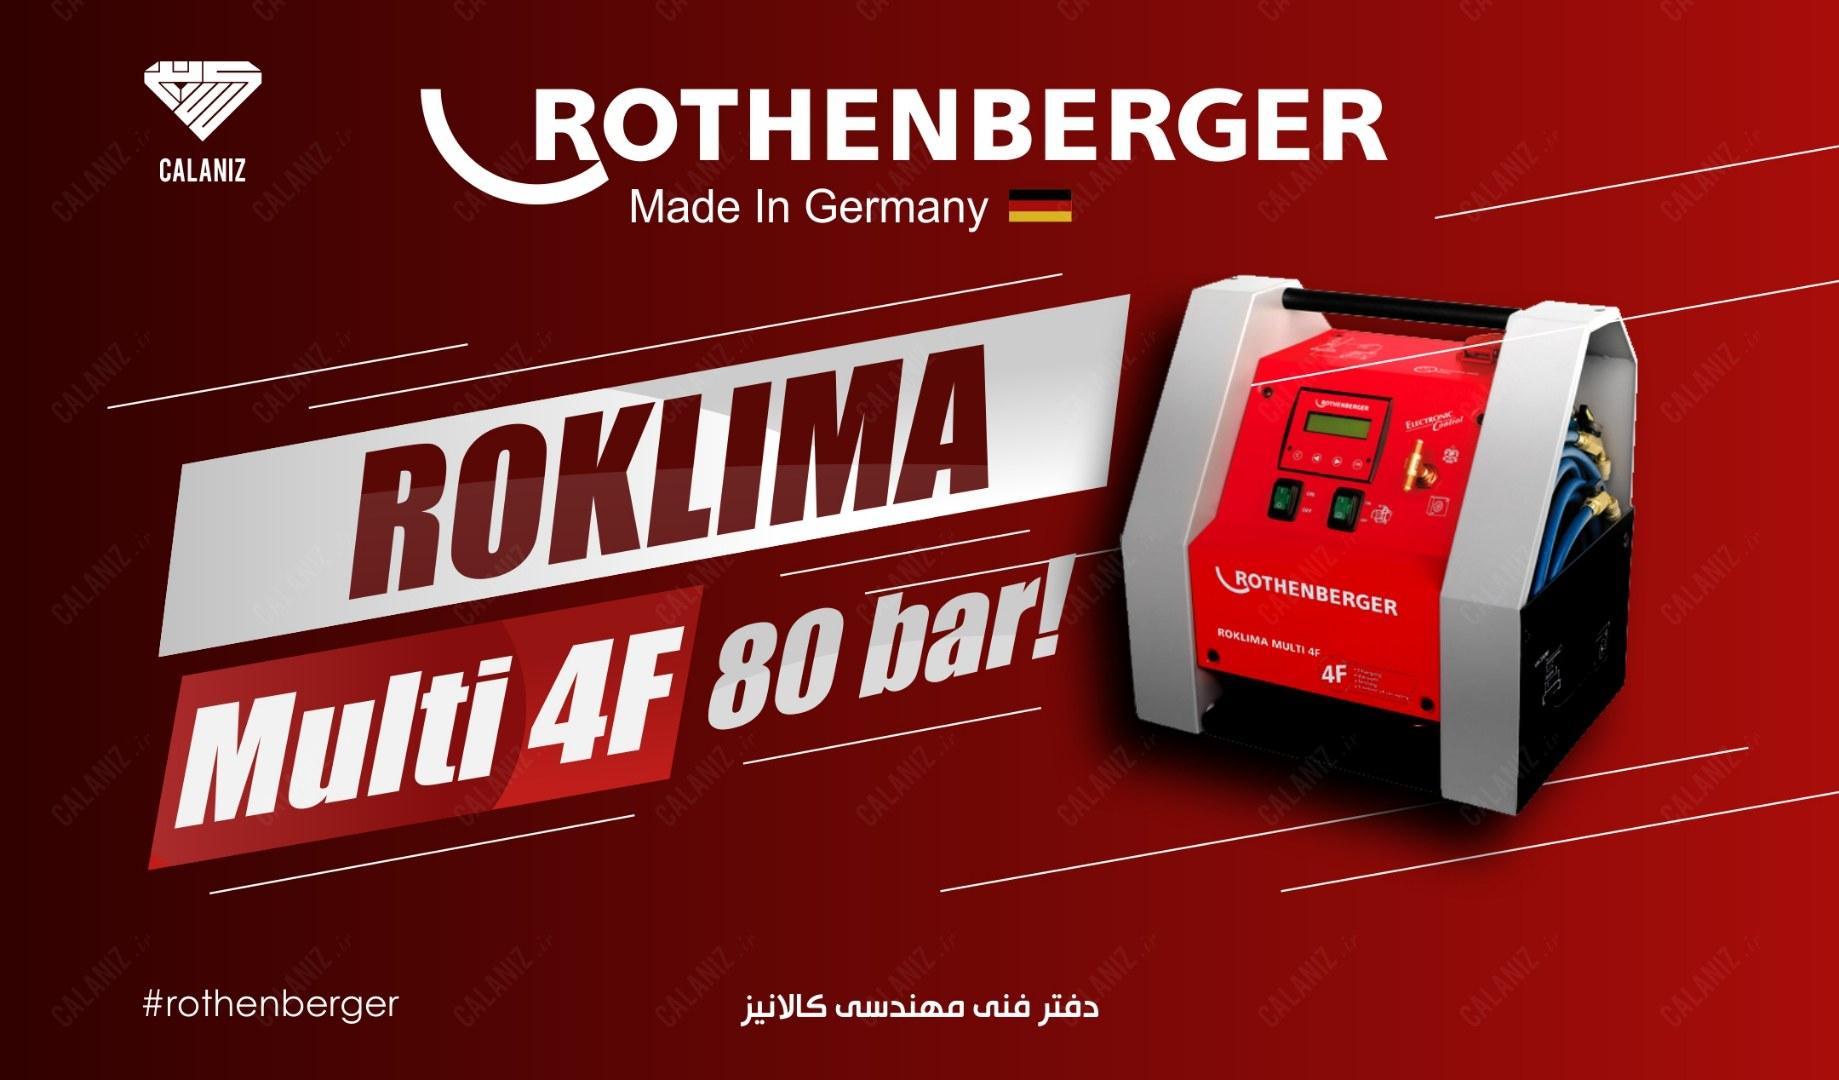 دستگاه شارژ، تخلیه و تست نشتی گاز روتنبرگر آلمان